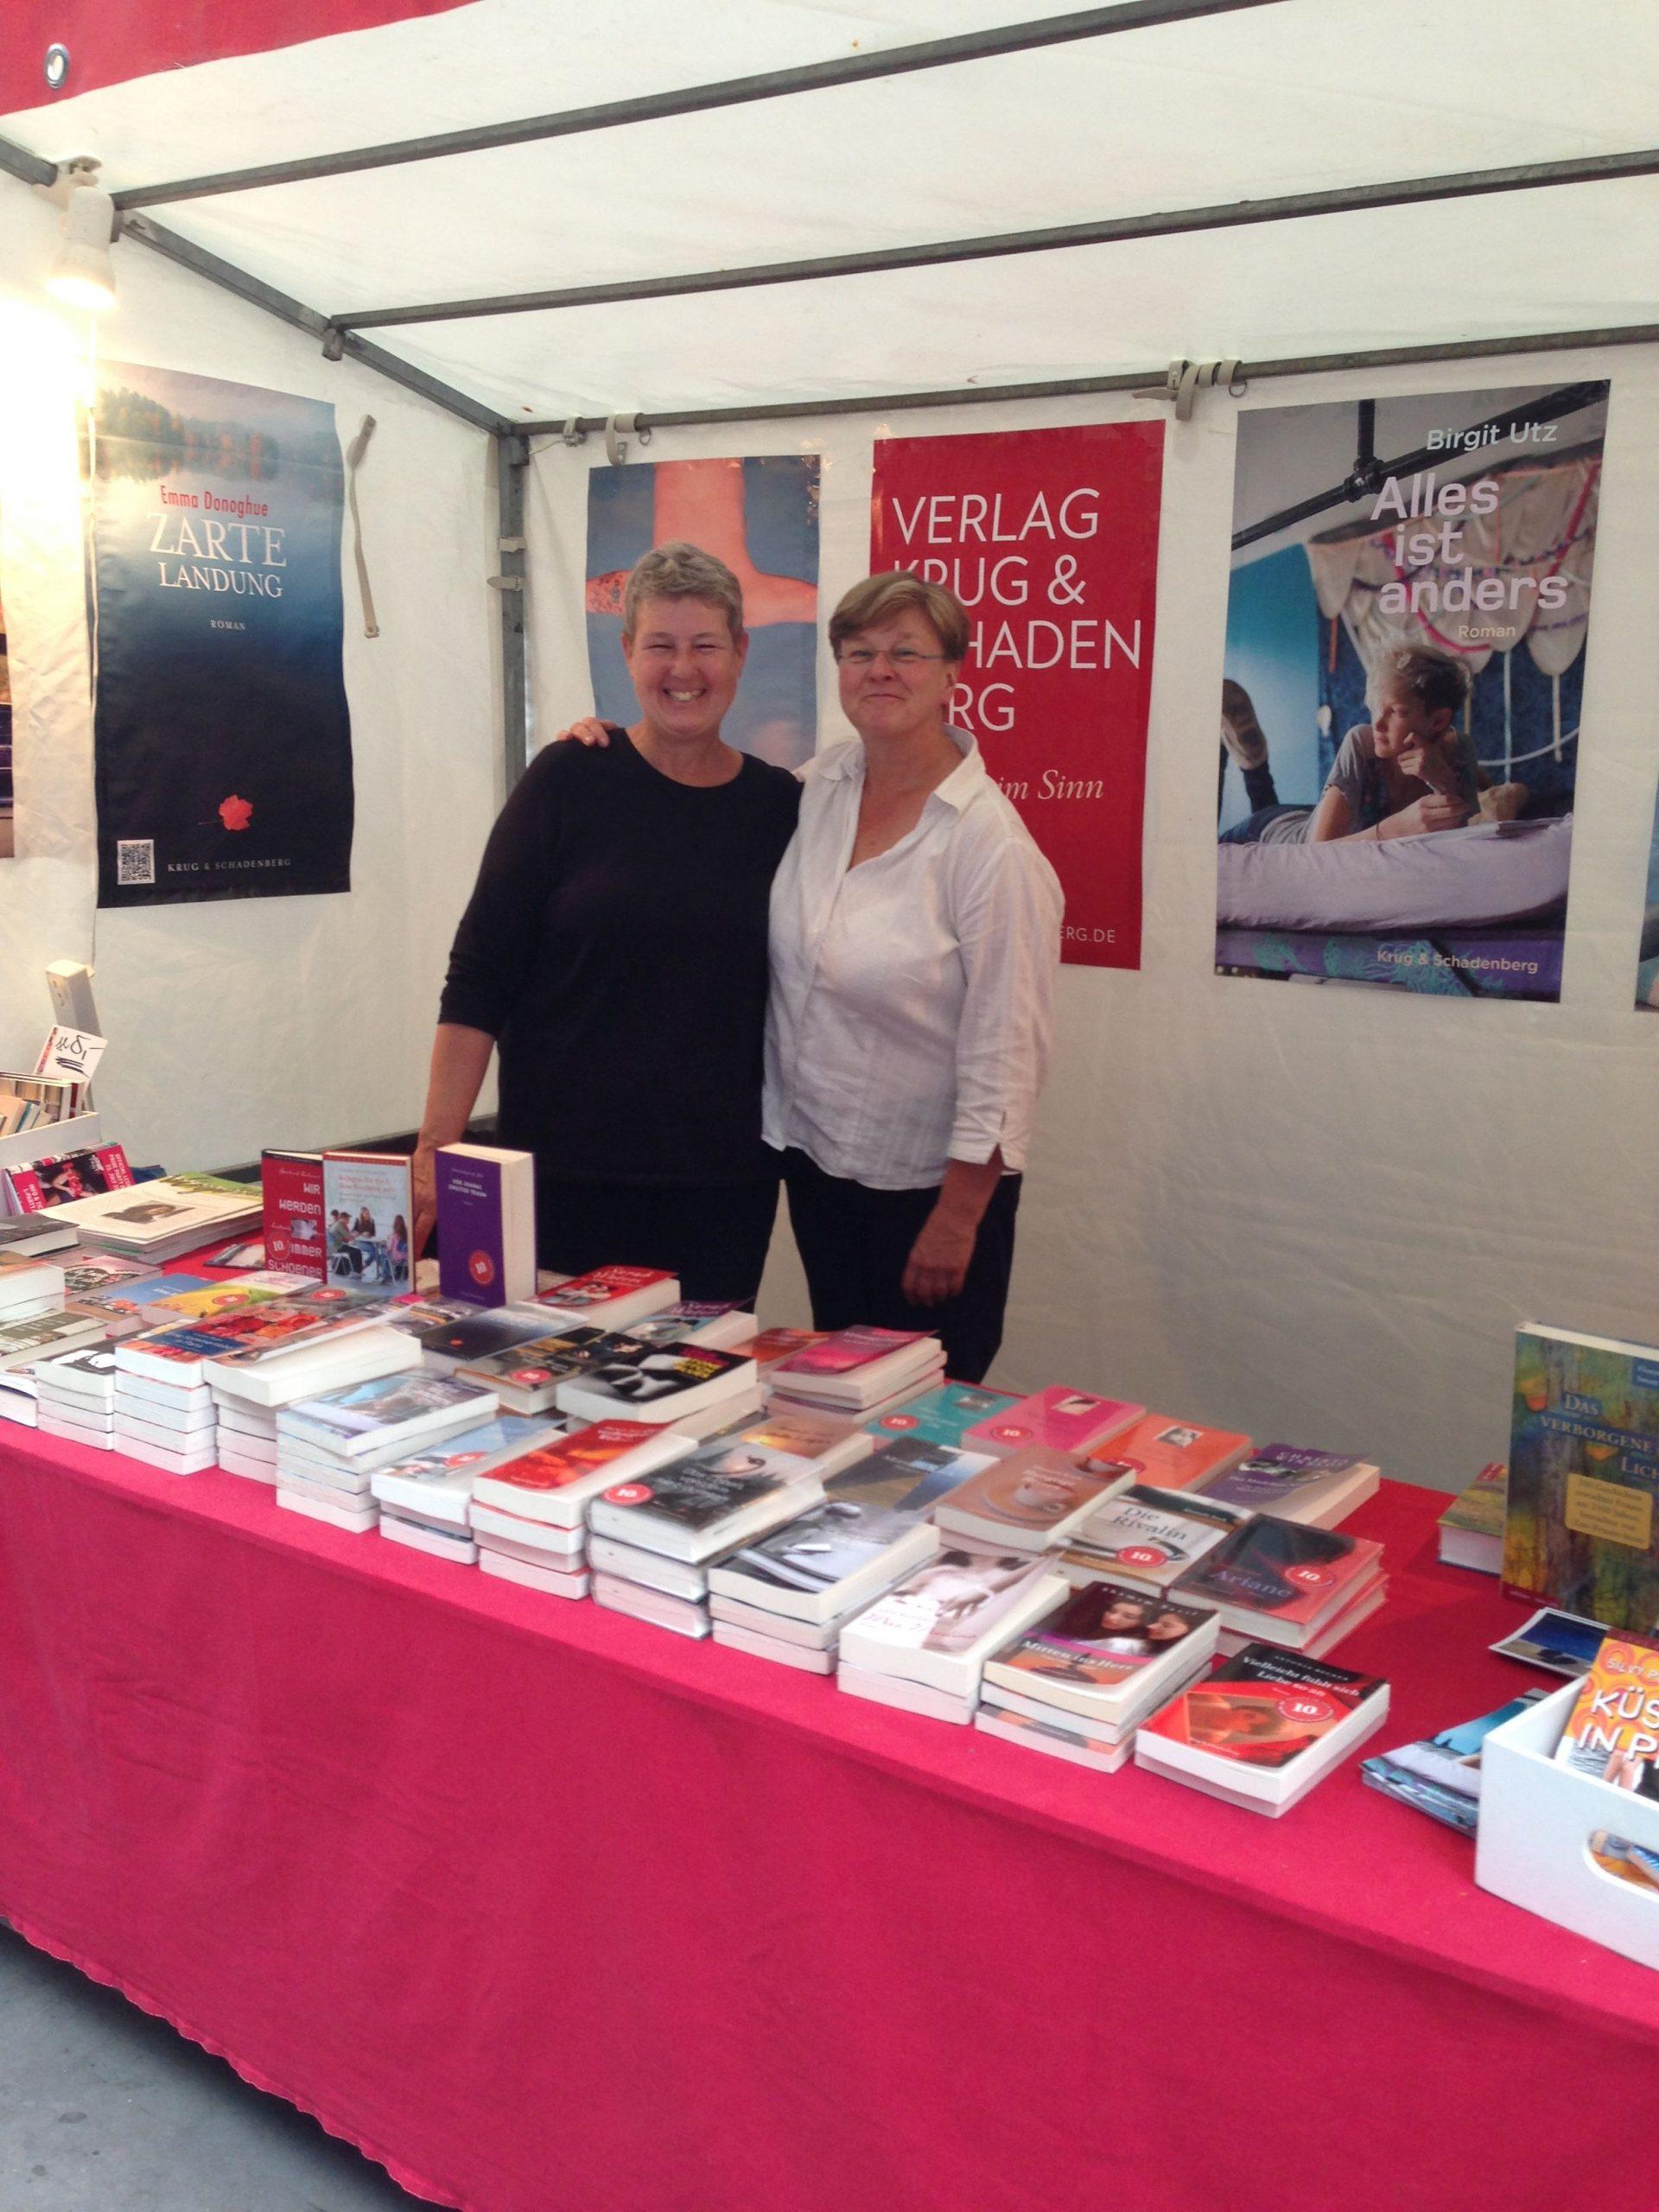 Die Verlegerinnen Dagmar Schadenberg und Andrea Krug auf dem Lesbisch-Schwulen Stadtfest im Juli 2016, Verlag Krug & Schadenberg